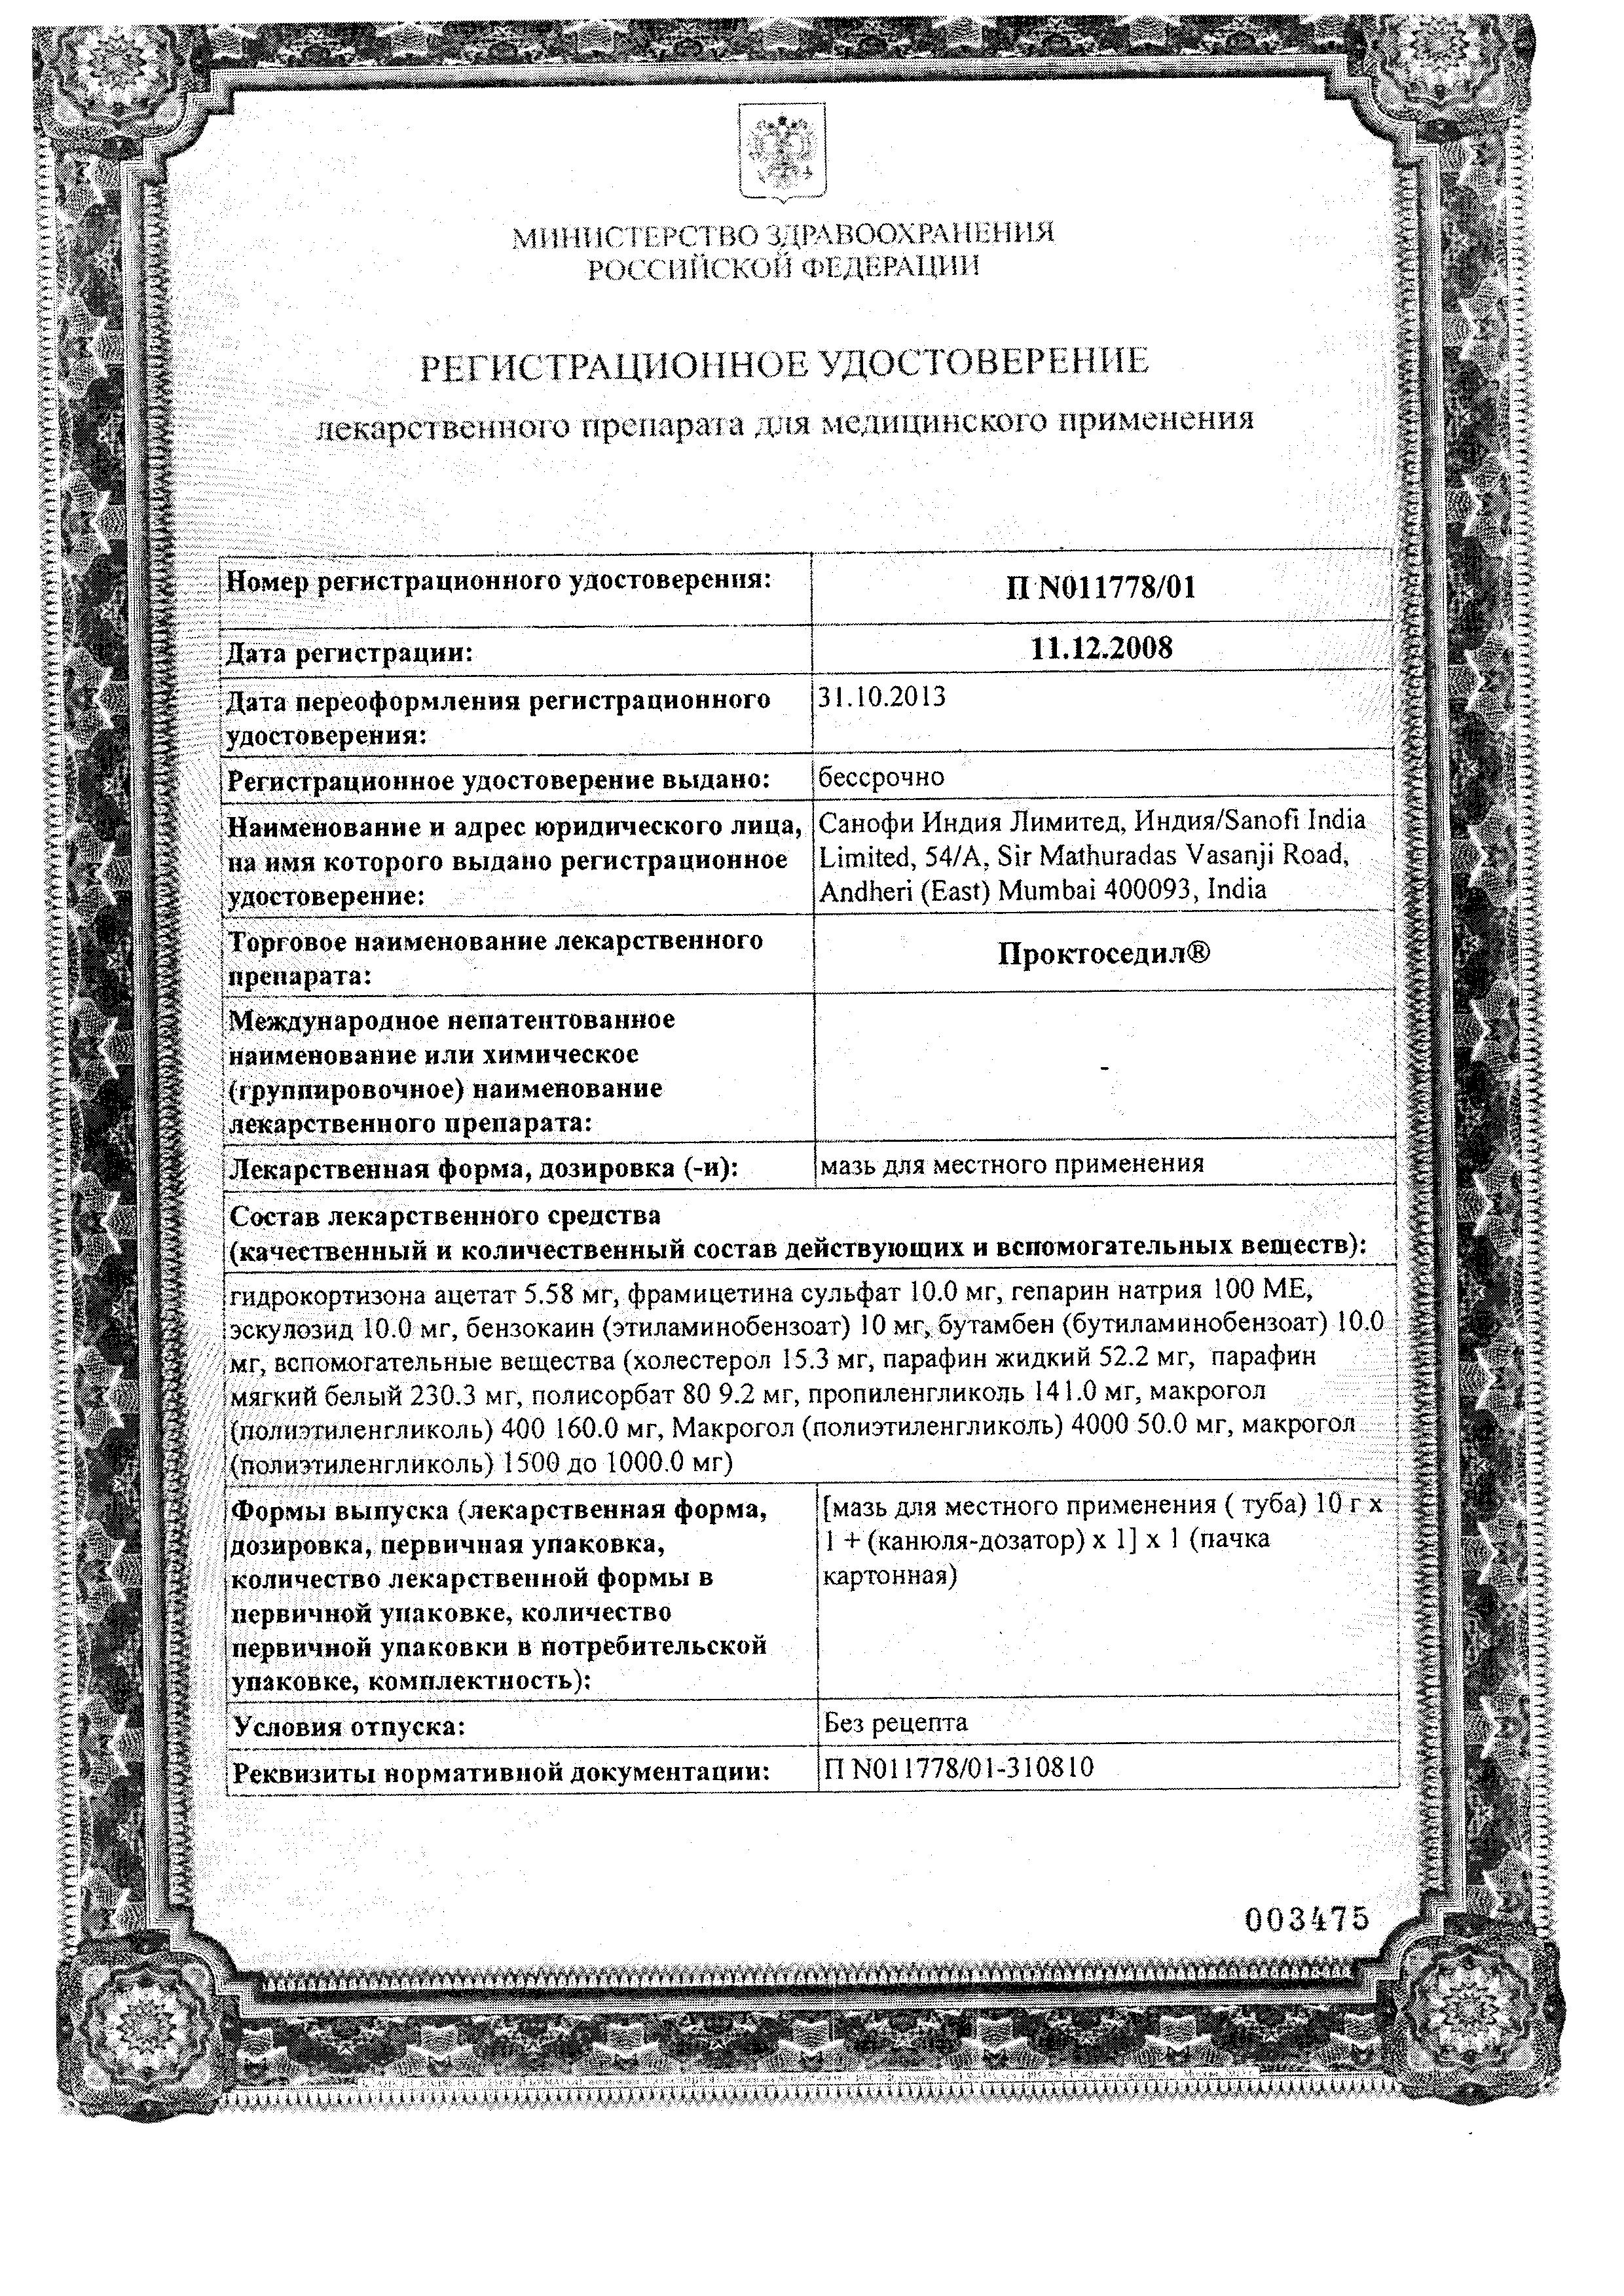 Проктоседил сертификат